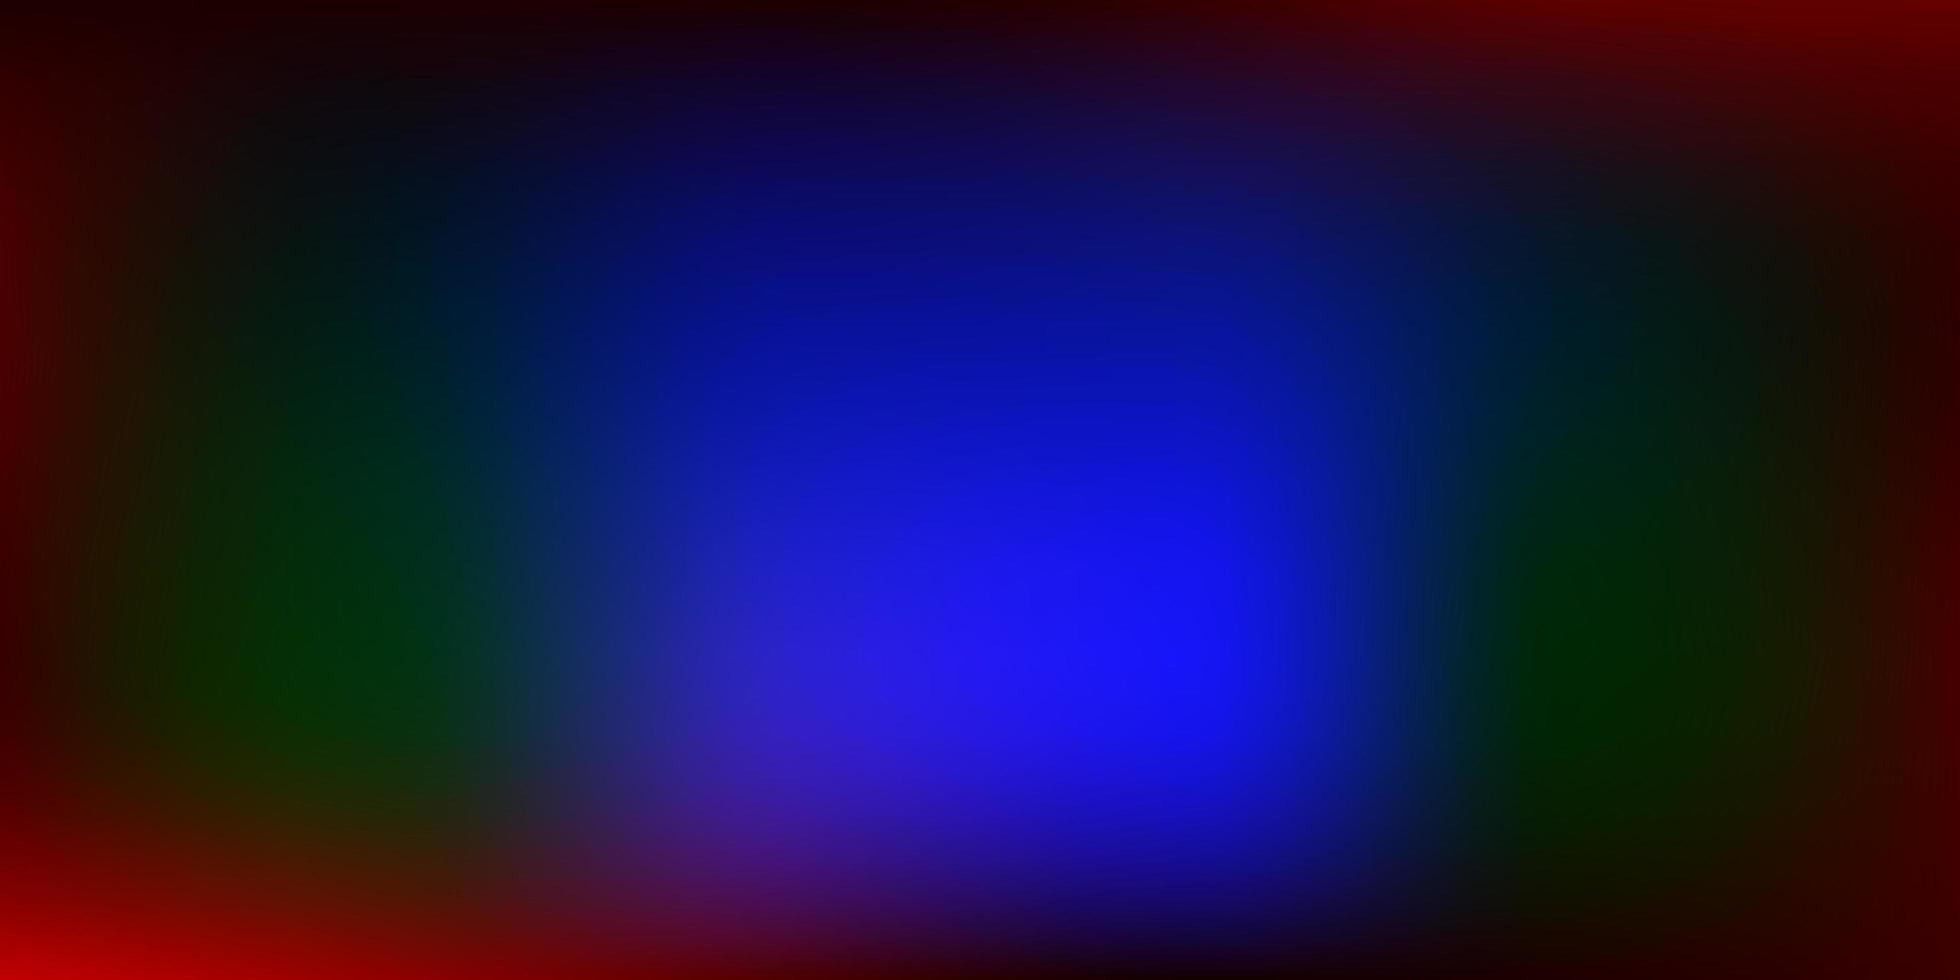 vettore multicolore scuro sfondo sfocato.